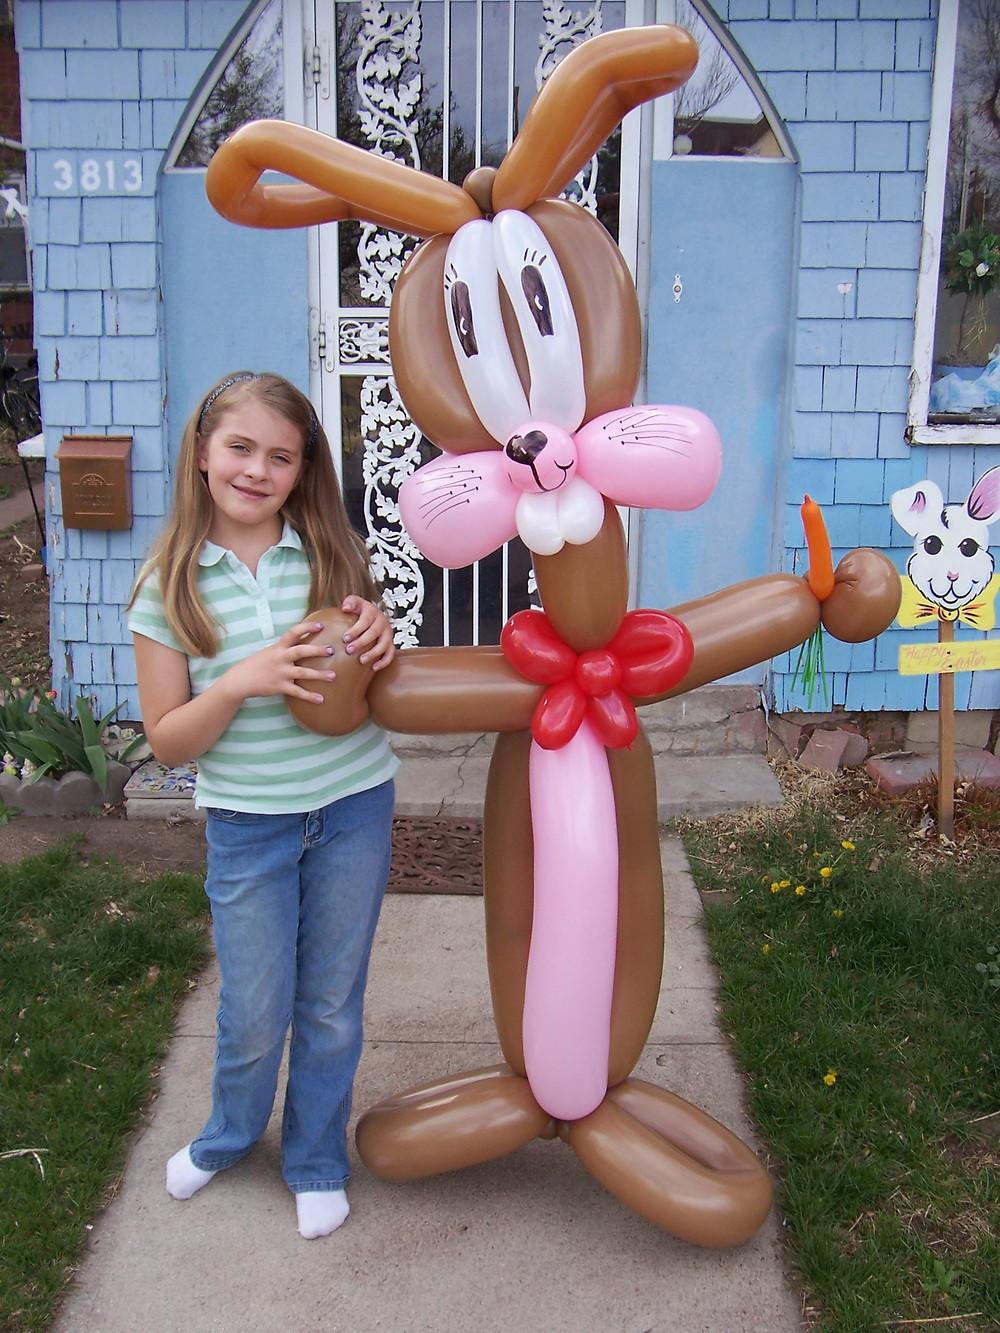 Easter Bunny Balloon sculpture decor